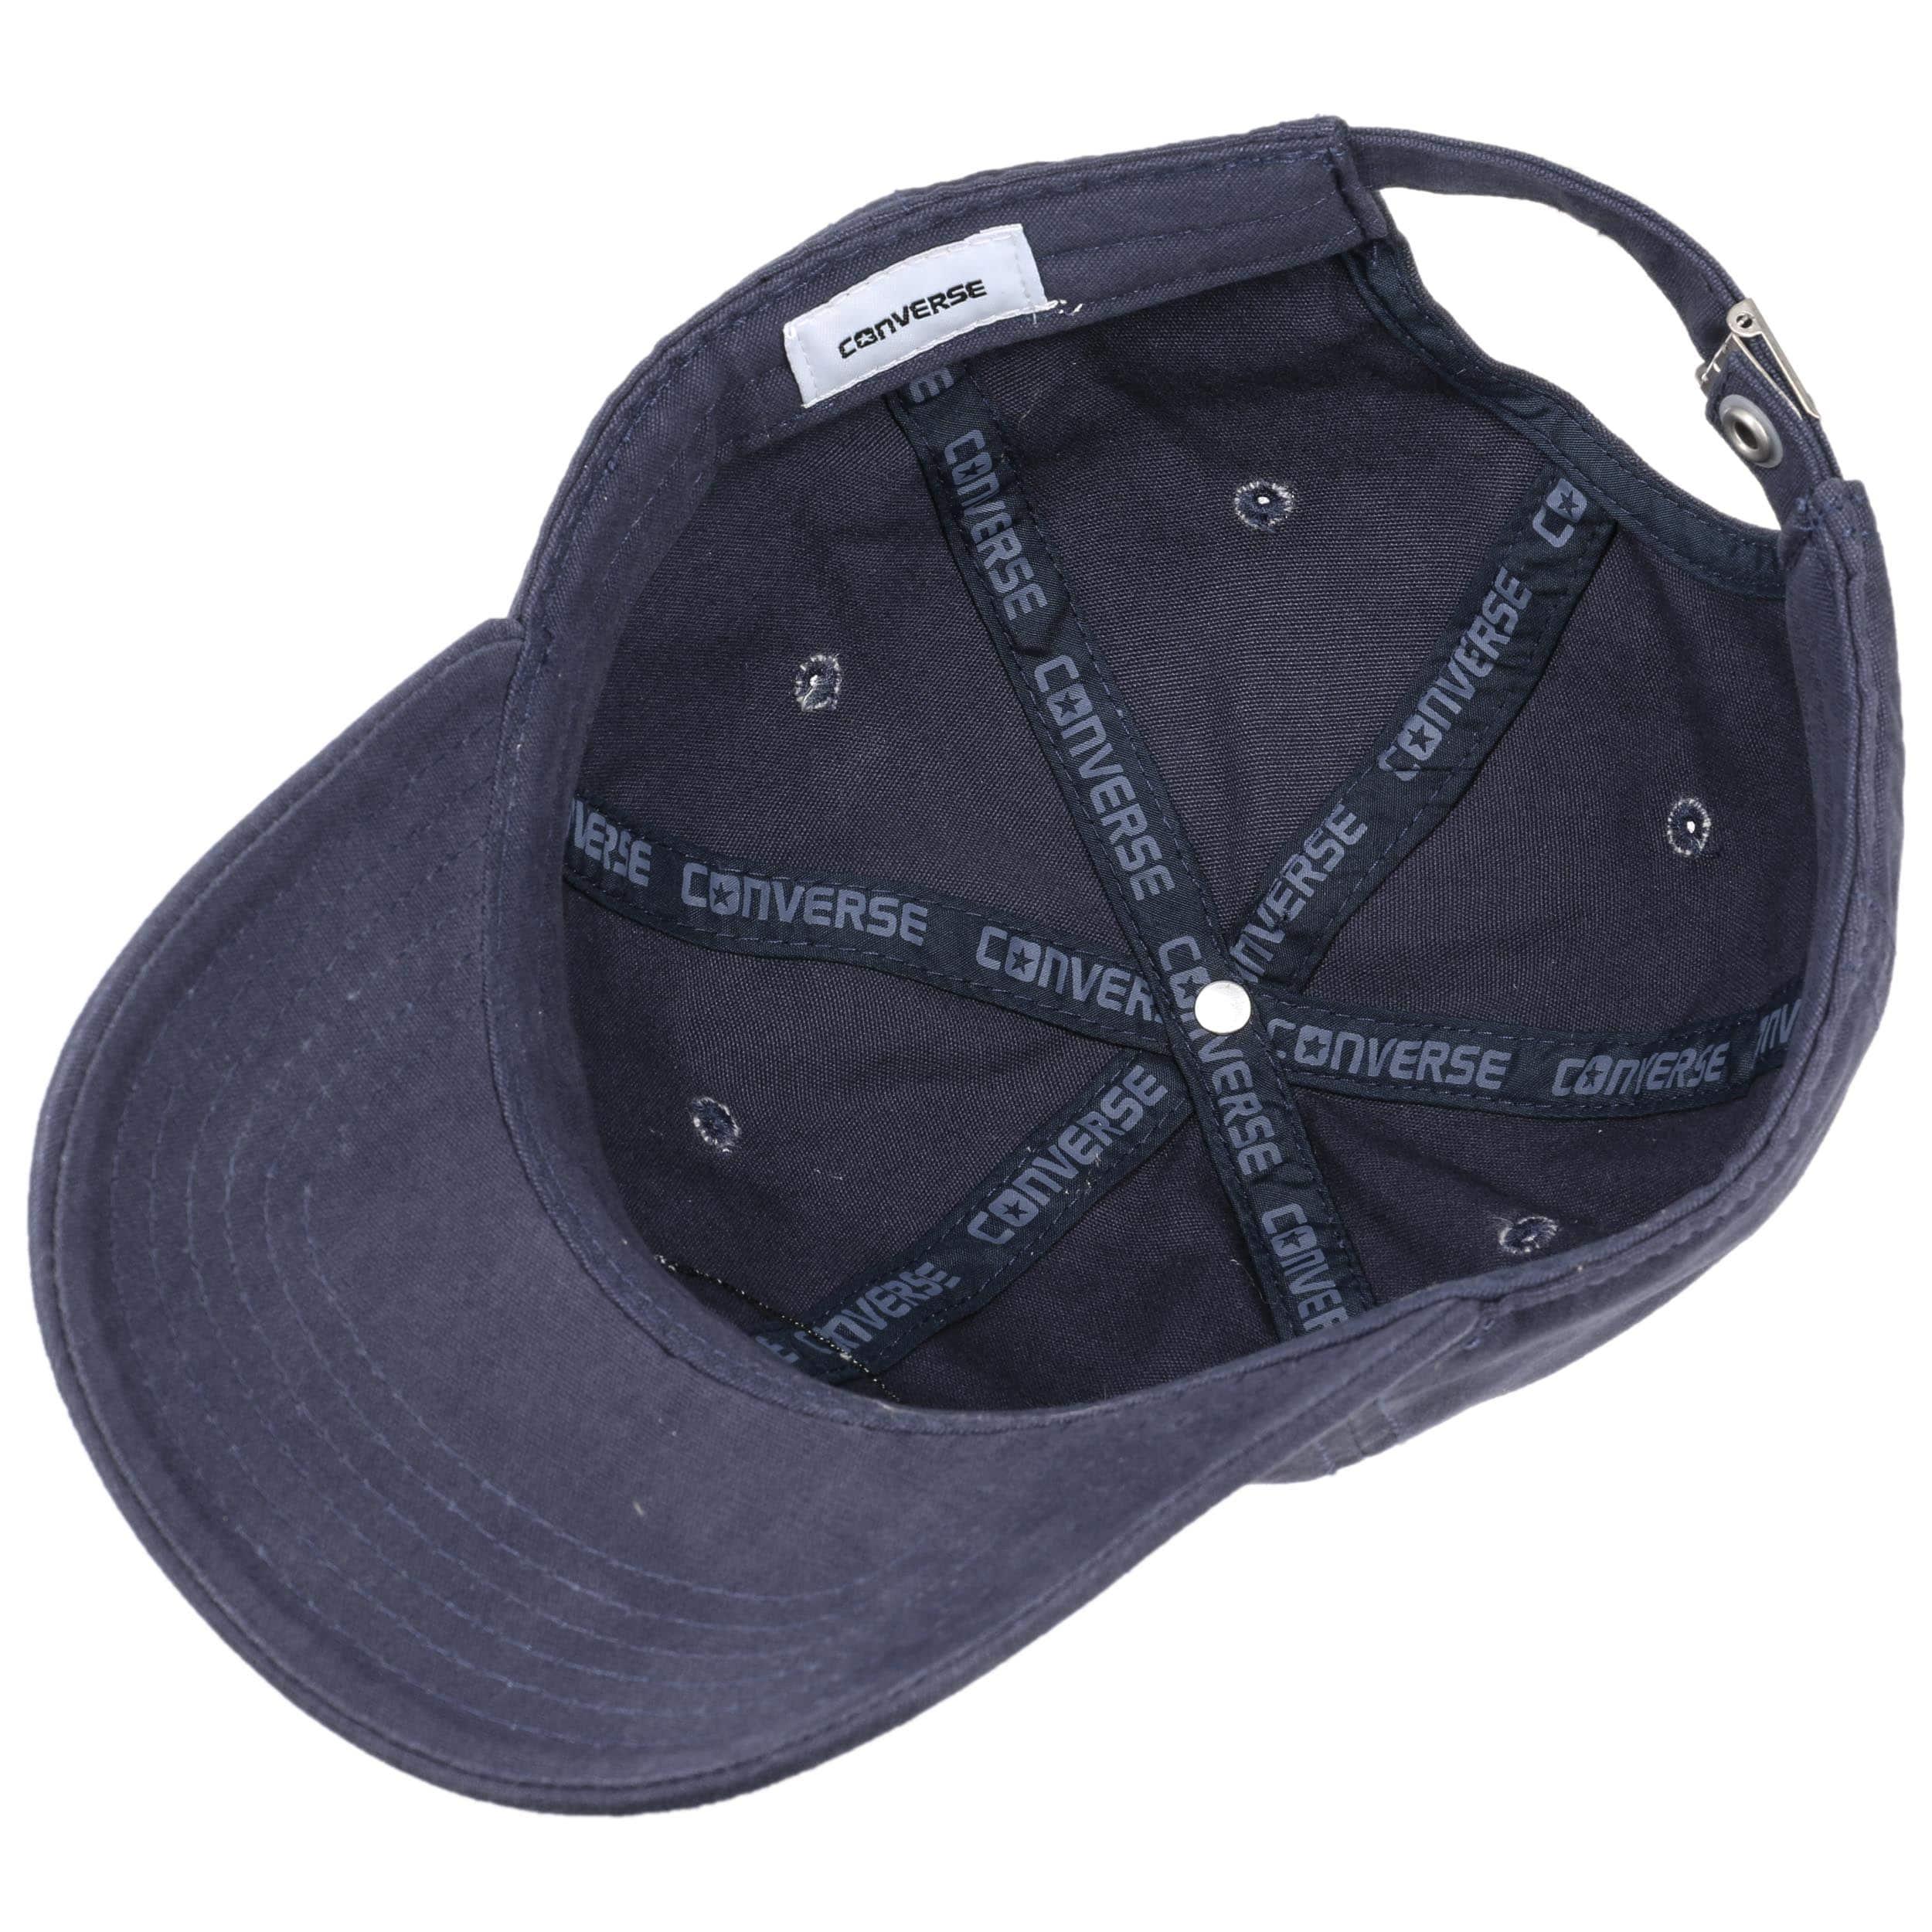 Gorra Monotone Strapback by Converse - Gorras - sombreroshop.es 6d6d0533237